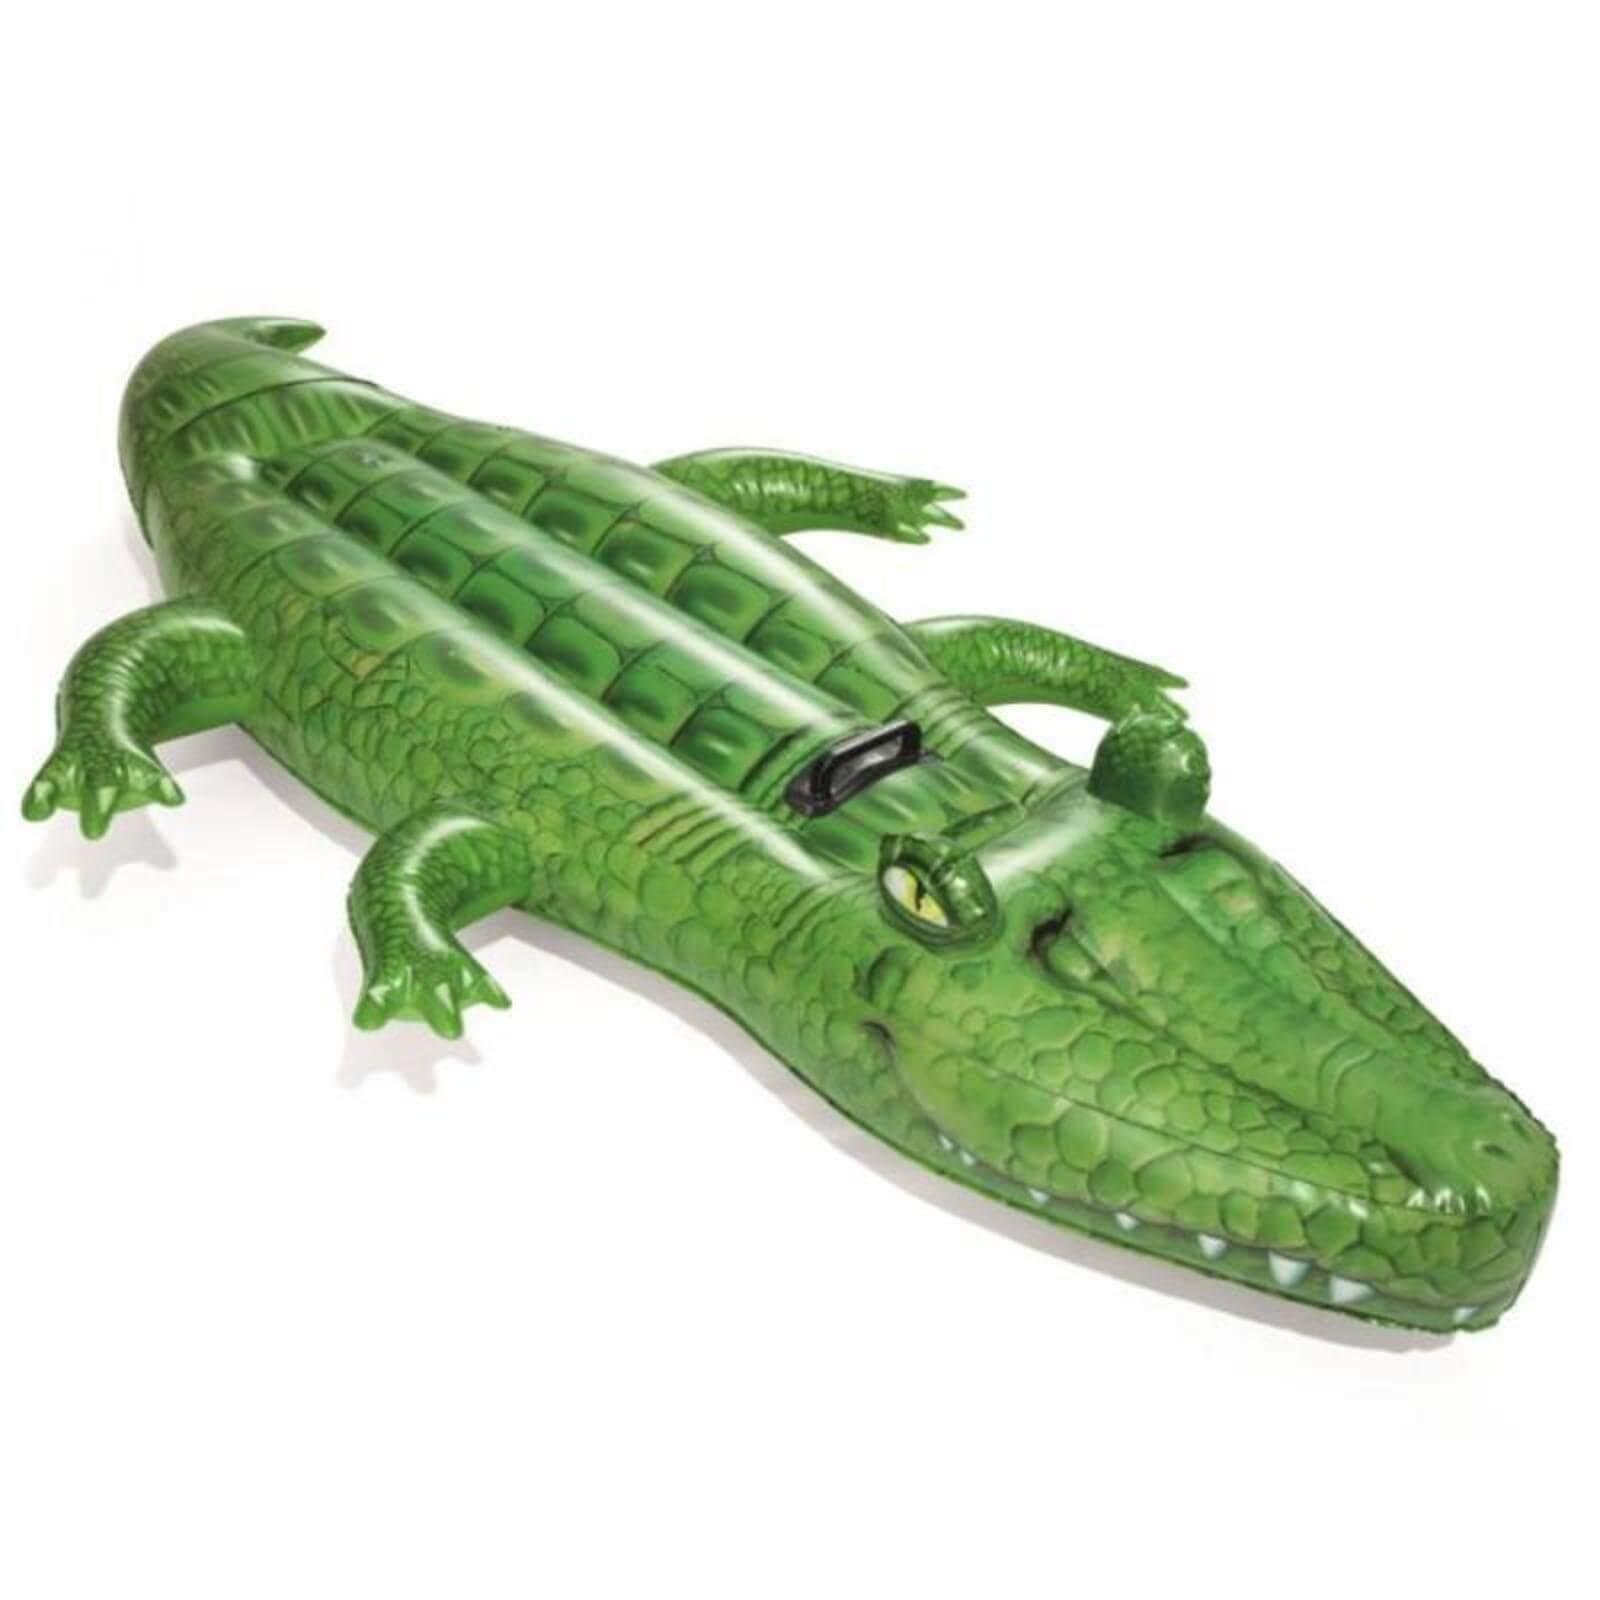 Bouée gonflable Bestway Crocodile - 2,03 x 1,17 m / Bouée gonflable Bestway Orc - 2,03 x 1,02 m